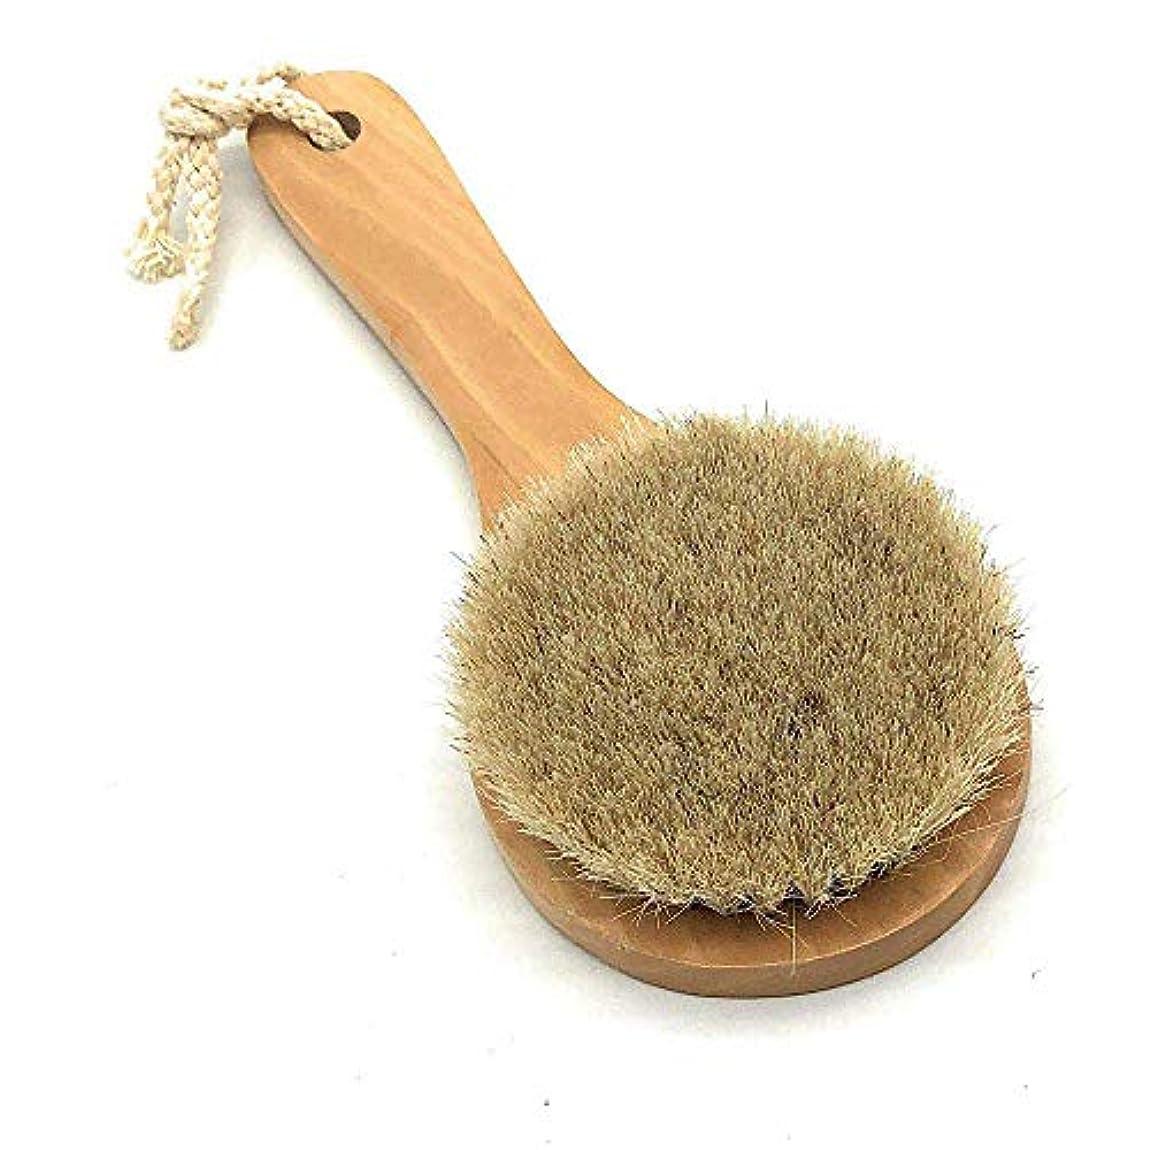 うん障害インド馬毛ボディブラシ 木製 短柄 足を洗う お風呂用 体洗い 女性 角質除去 柔らかい 美肌 (馬毛ボディブラシ)